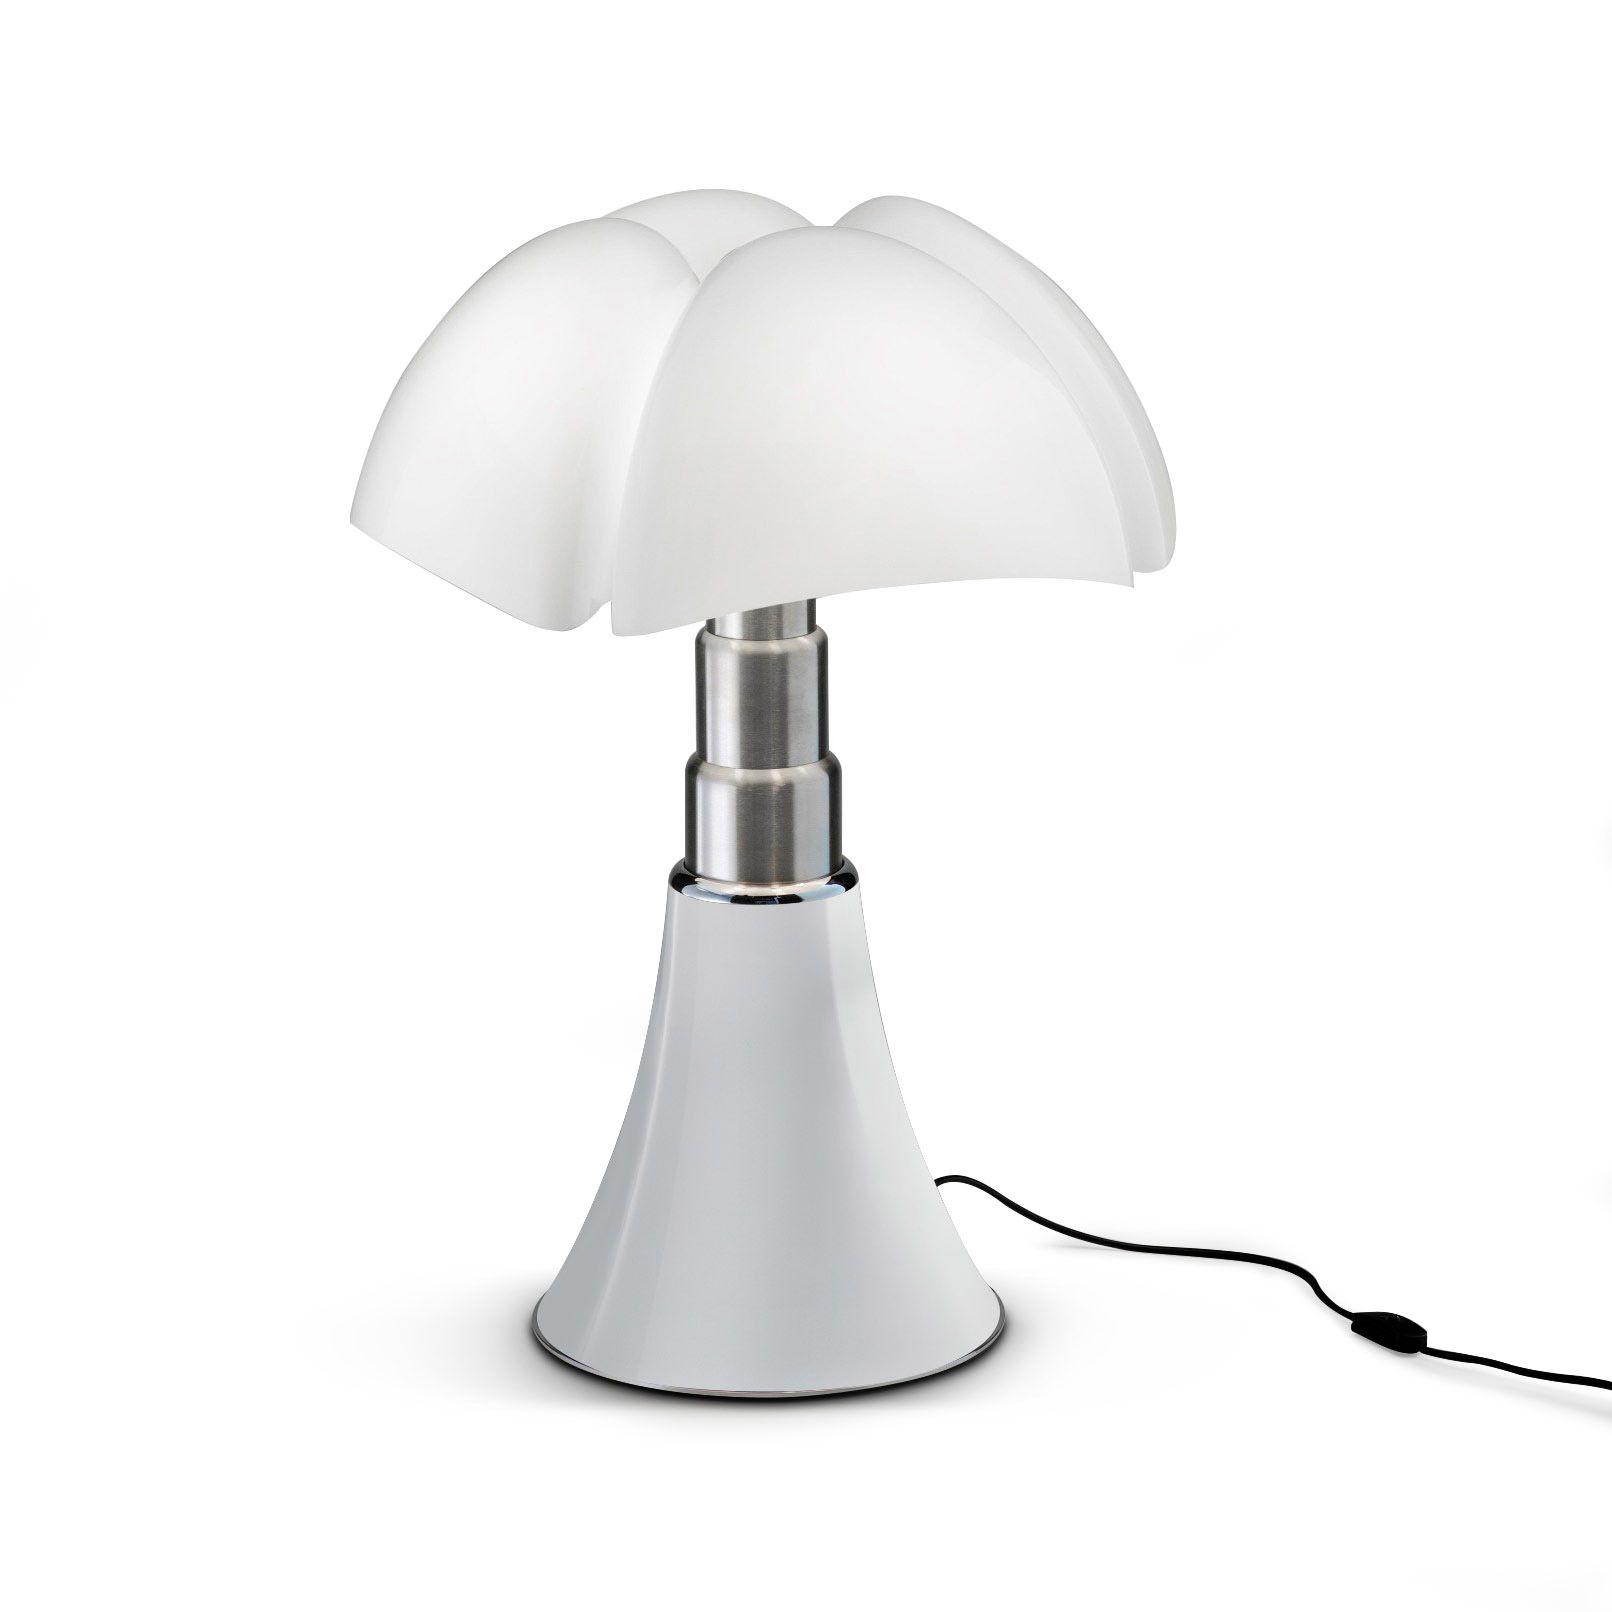 Lampe Blanc Led H35cm Mini Pipistrello Table Led Opale  # Table Basse Blanc Avec Lampe Led